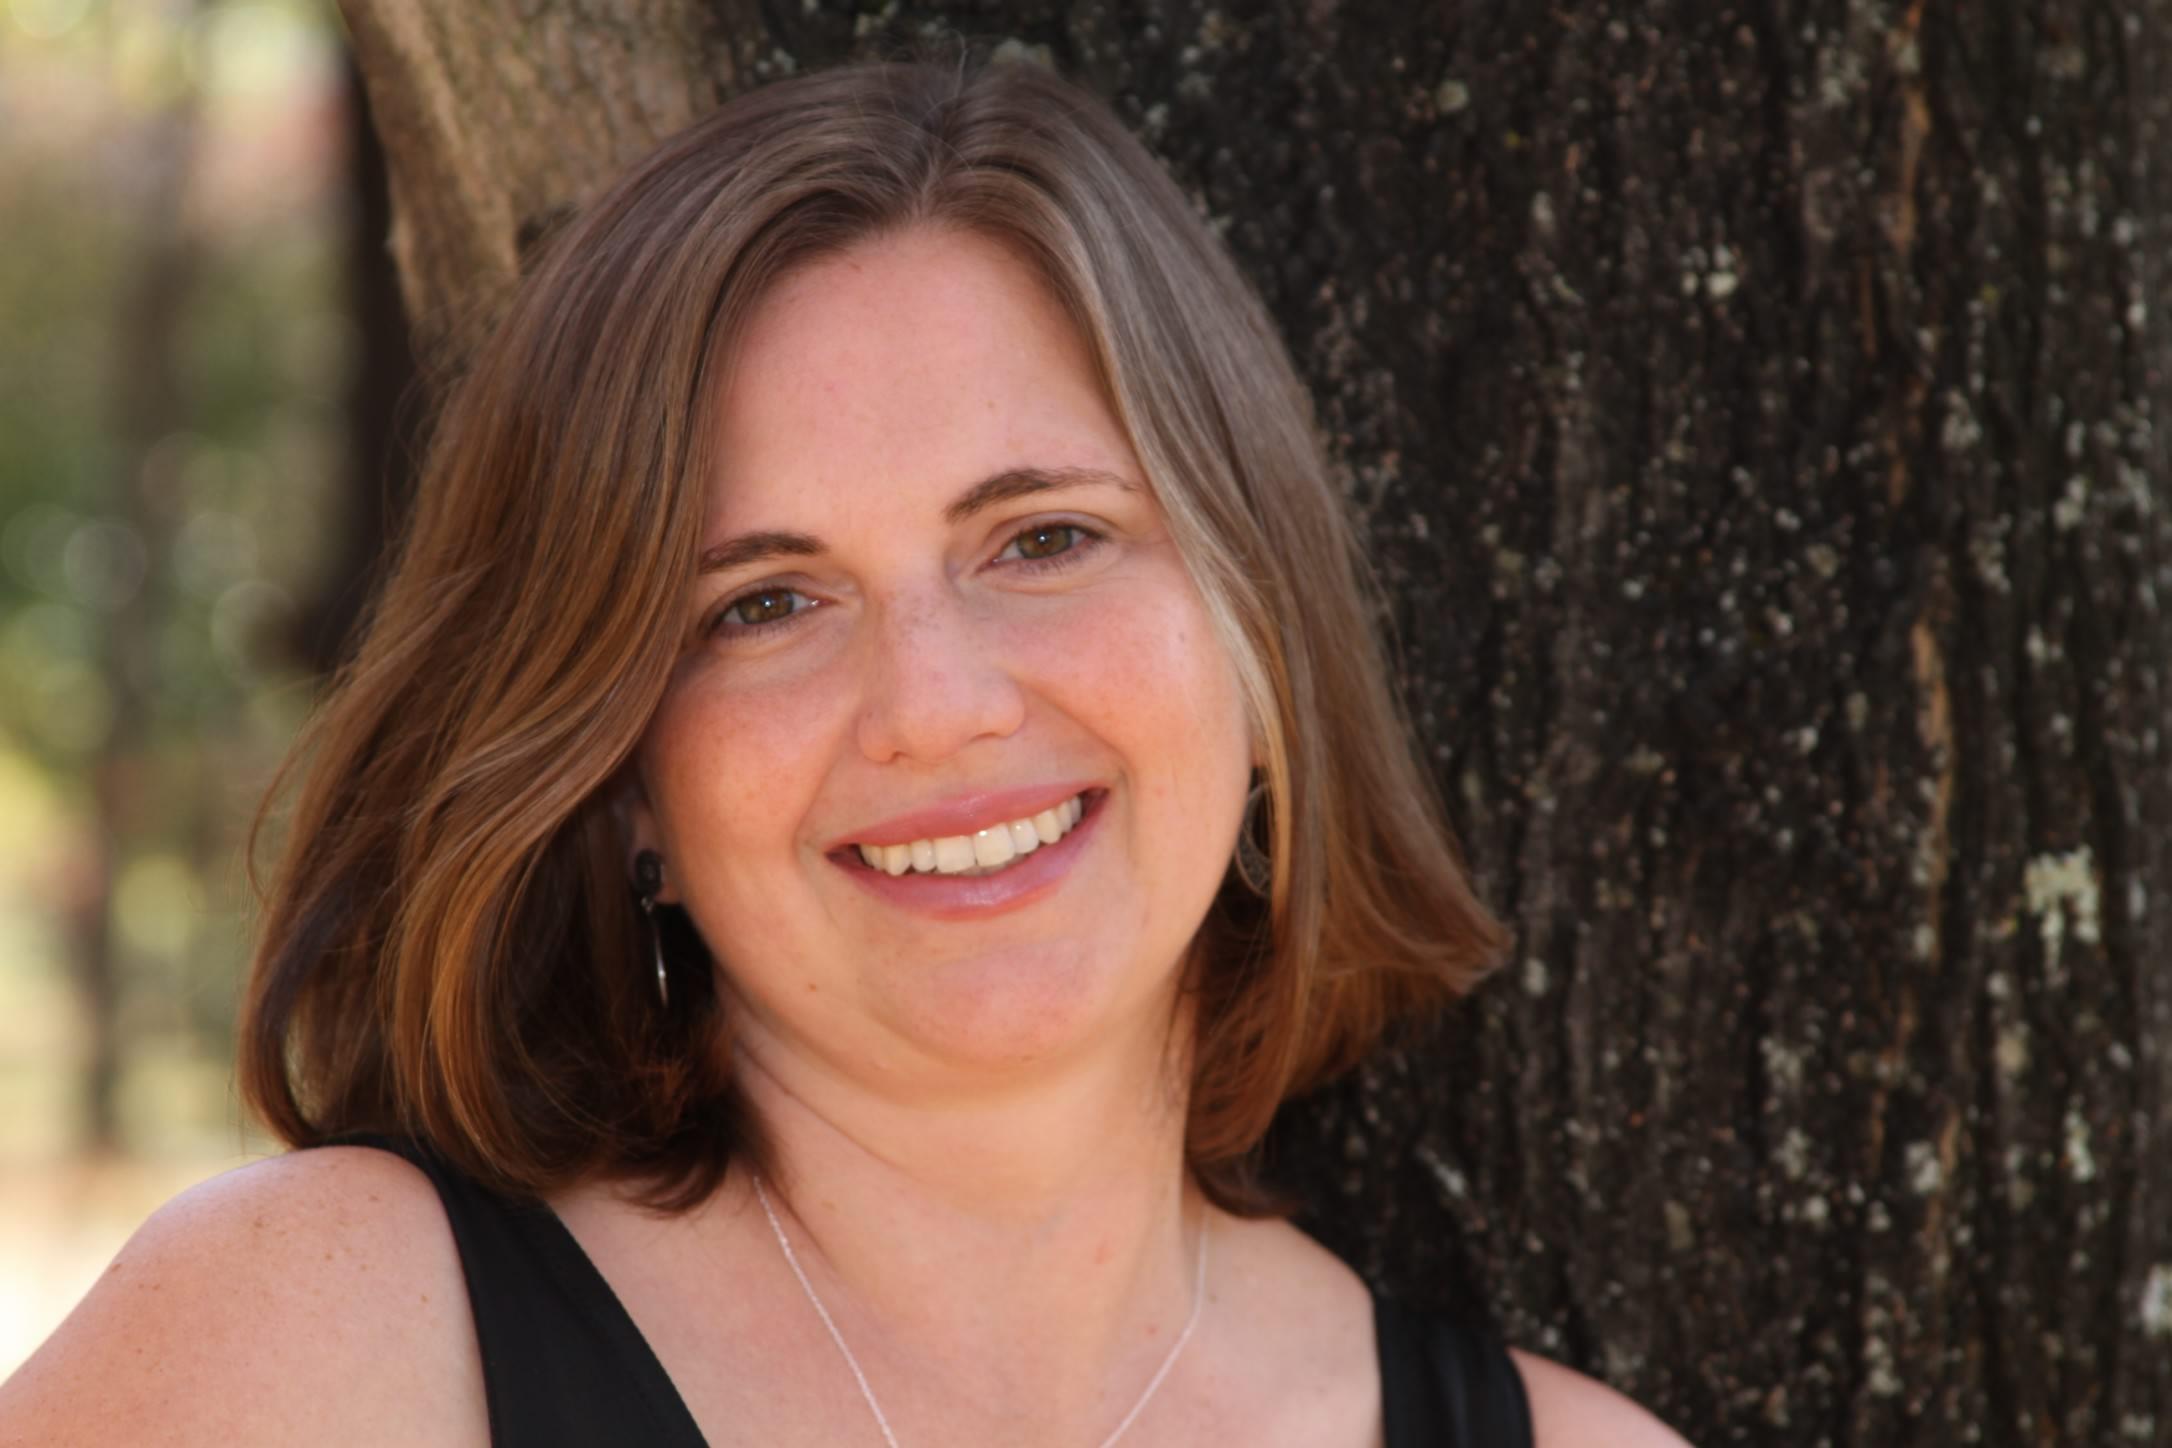 KrisAnne Swartley